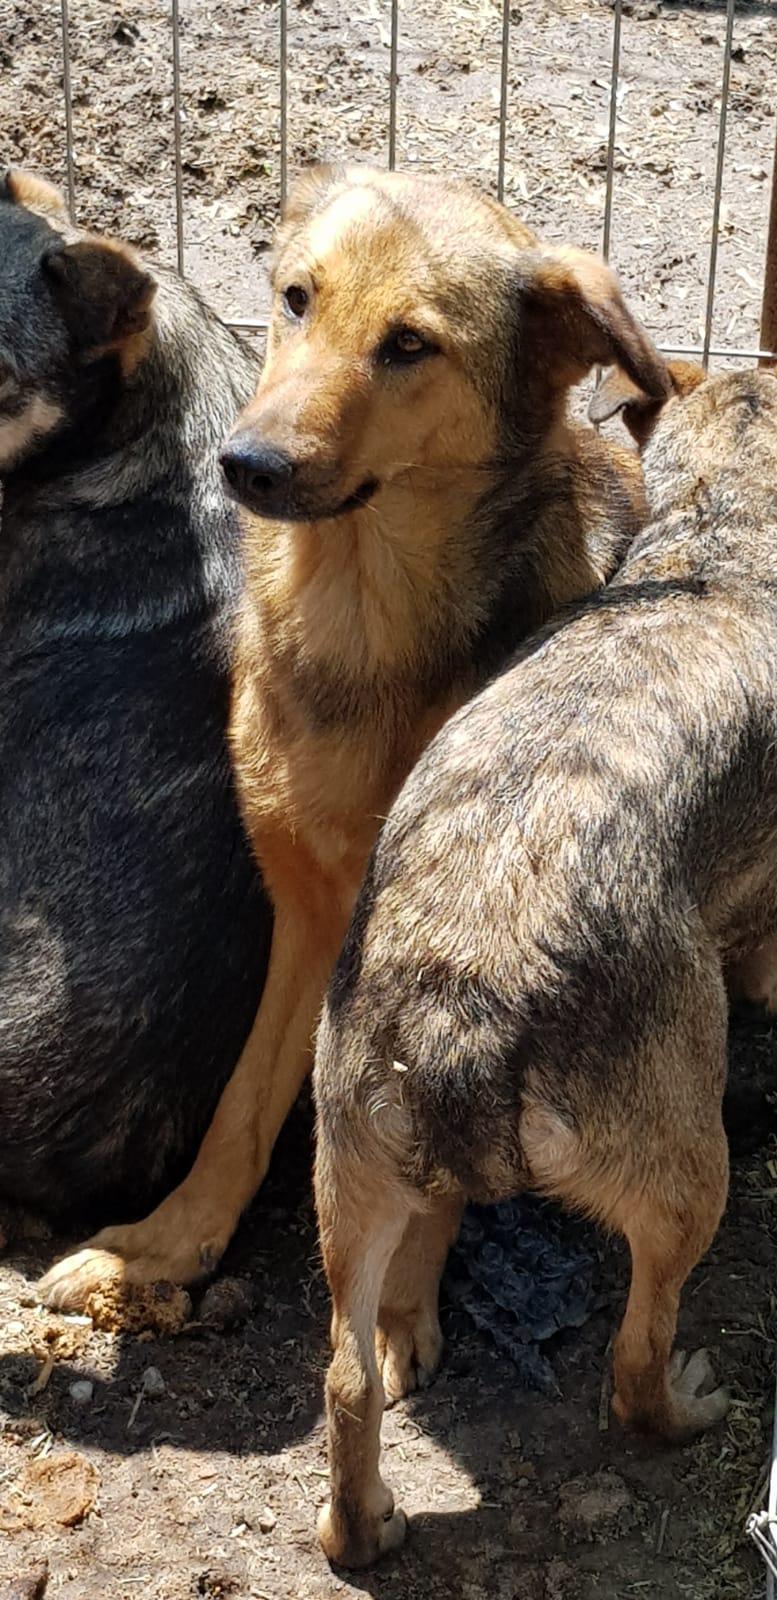 KORIA femelle née en 2015, poils court - couleur charbonnée - sortie de l'équarrissage le 11 mars 2017 - Parrainée par Mirko78 et Skara Sorina10